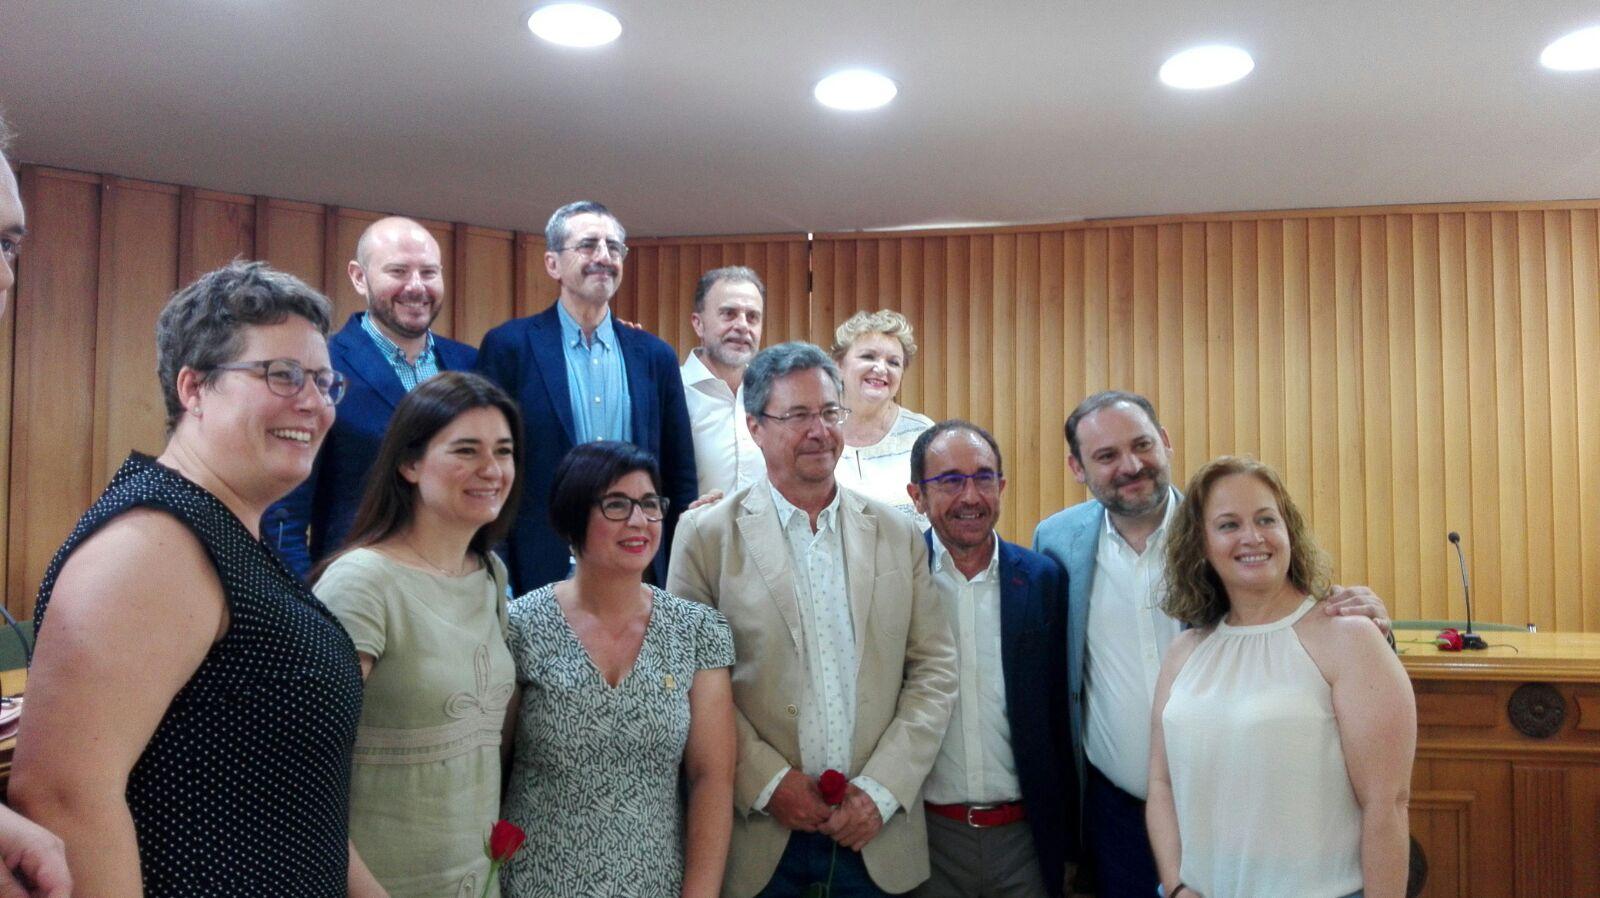 La nueva alcaldesa de Buñol, Juncal Carrascosa, arropada por José Luis Ábalos, Carmen Montón, José Mª Ángel, Mako Mira y Andrés Perelló, entre otros socialistas.